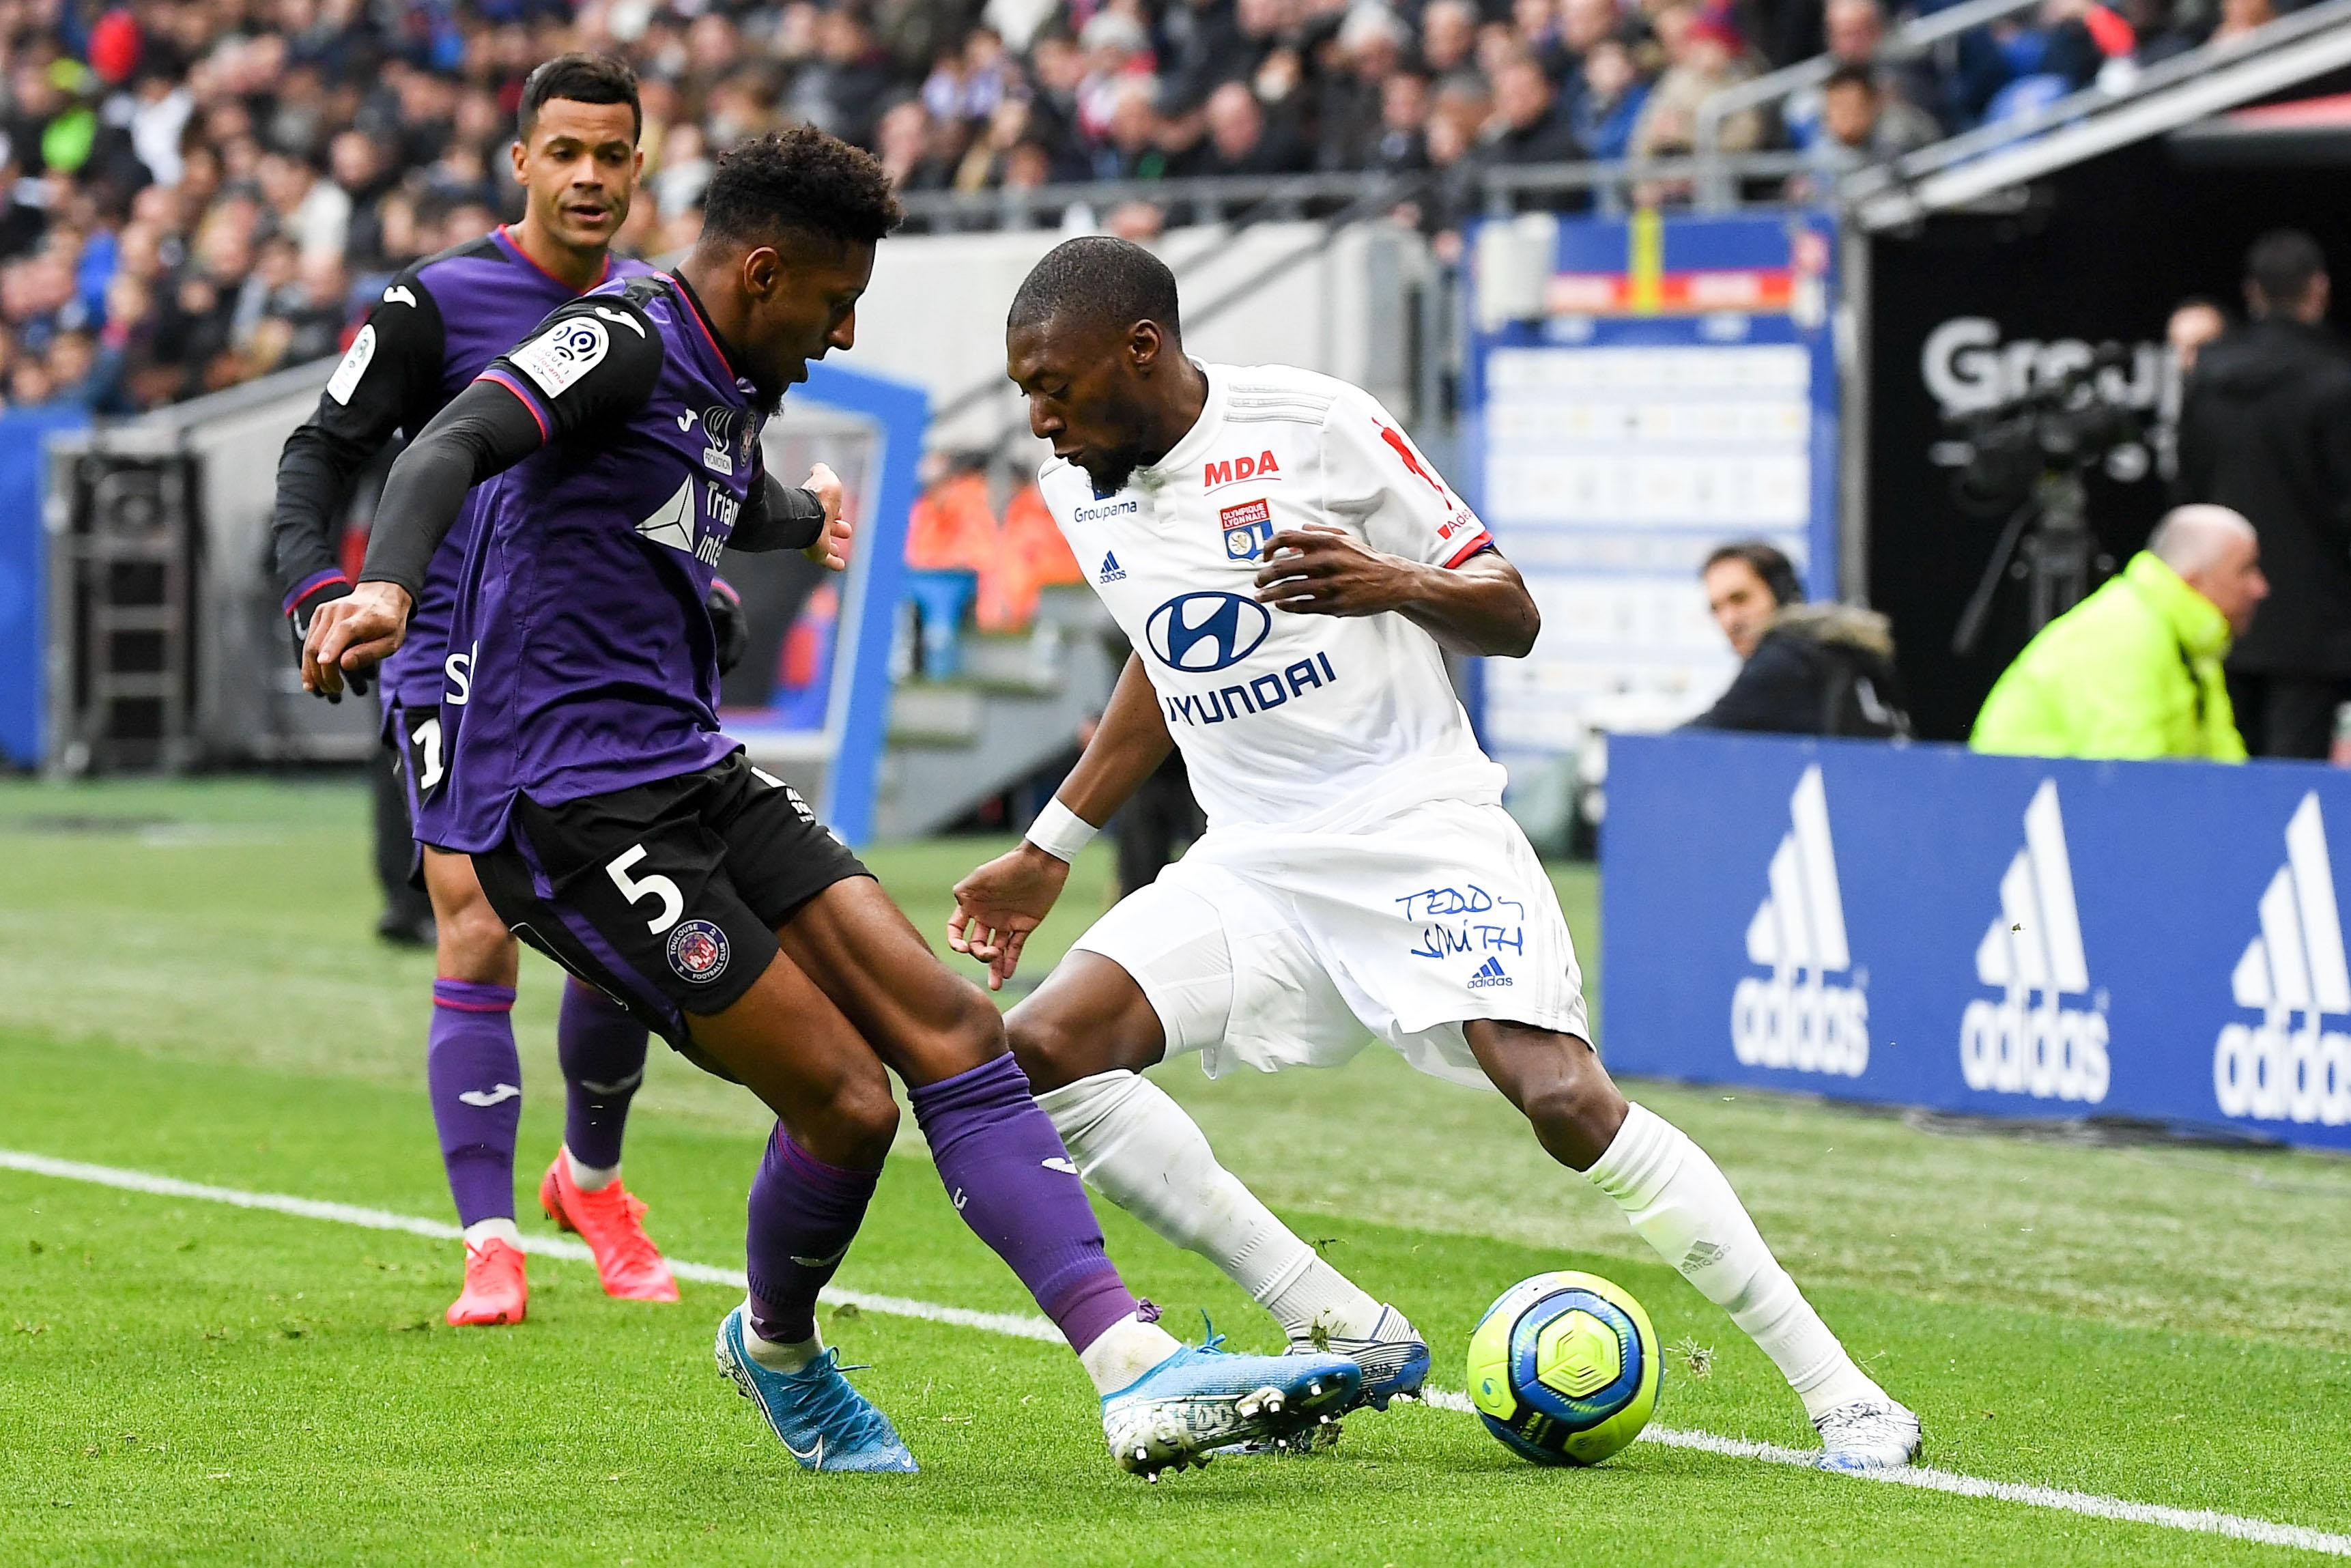 Football - Ligue 1 - Arrêt de la Ligue 1 : dernière chance pour l'OL, Amiens et Toulouse devant le Conseil d'Etat